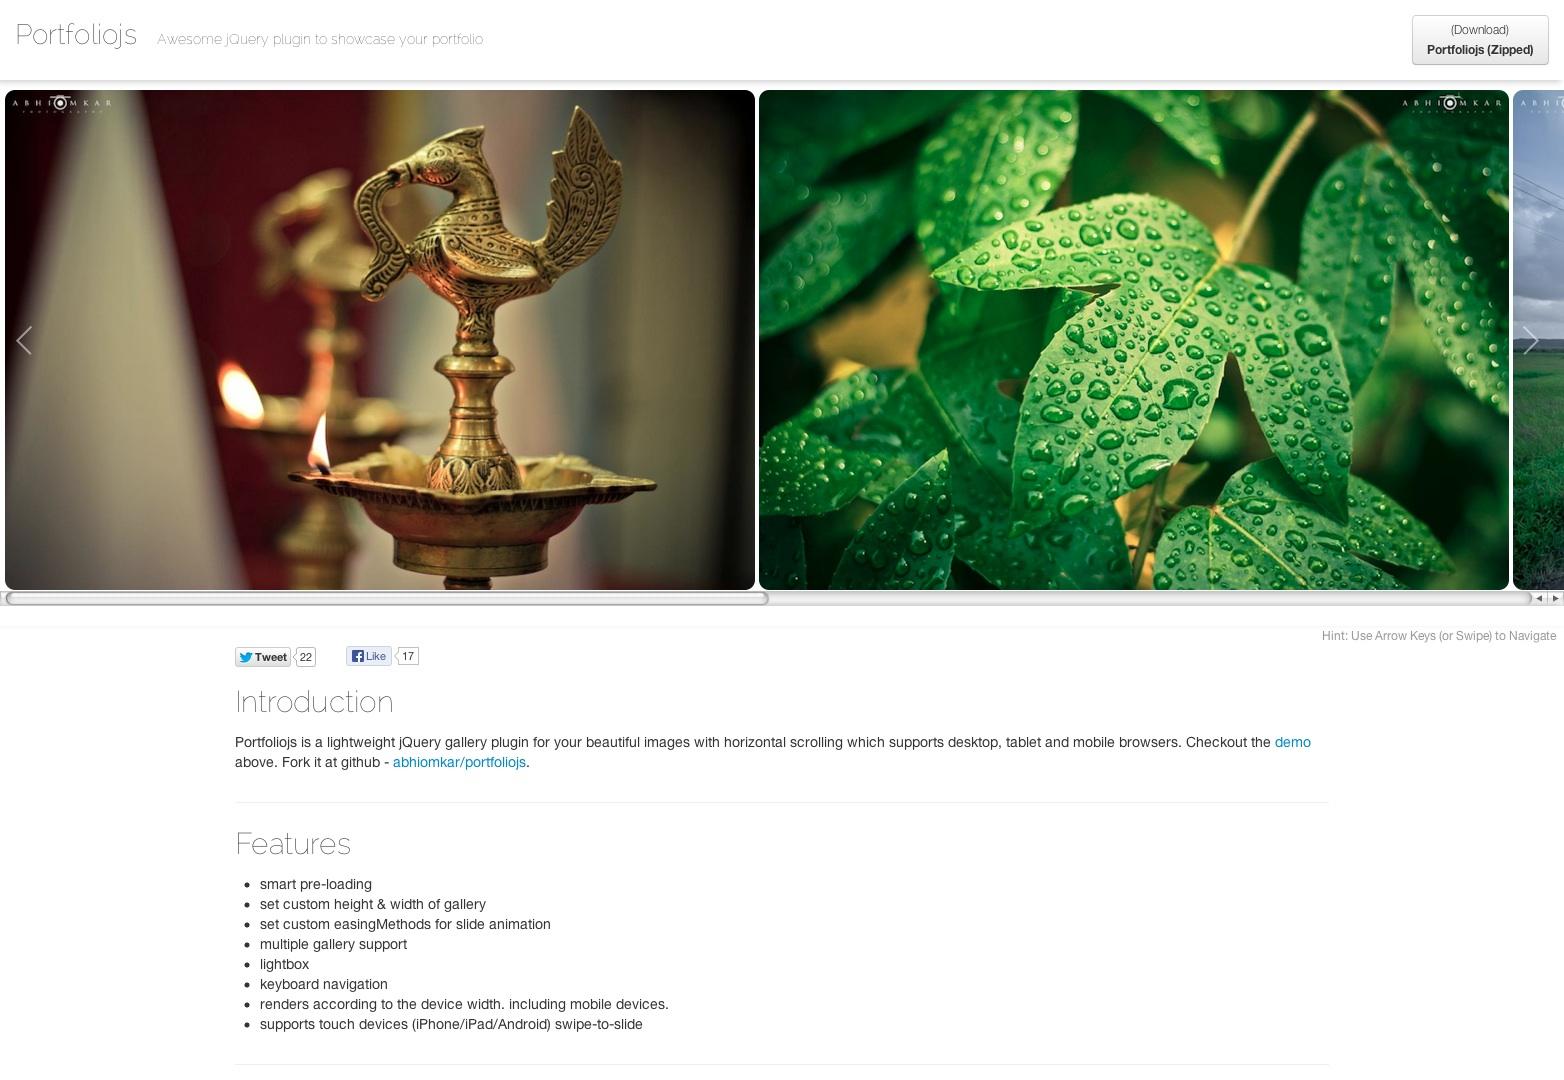 Portfoliojs - plugin jQuery pro vaše krásné portfolia s horizontálním rolováním